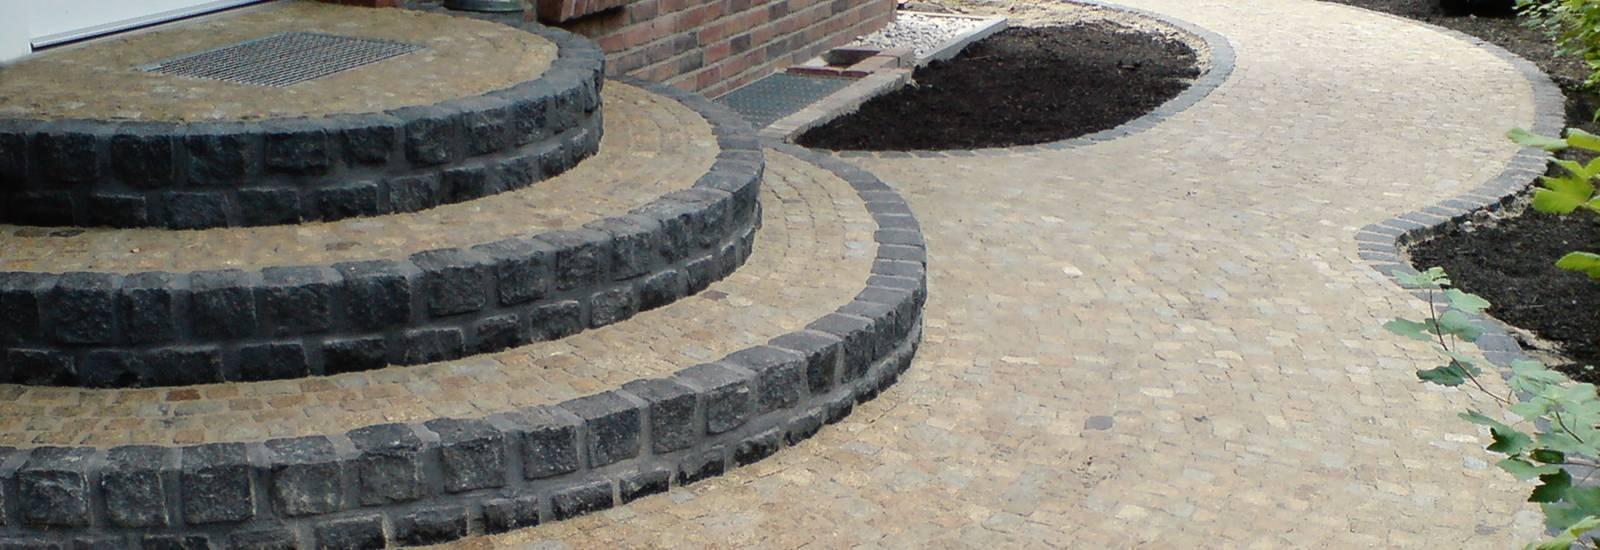 Treppenanlage-mit-Naturstein-Granit-Mosaik-Basalt-Kleinsteinpflaster-Berlin